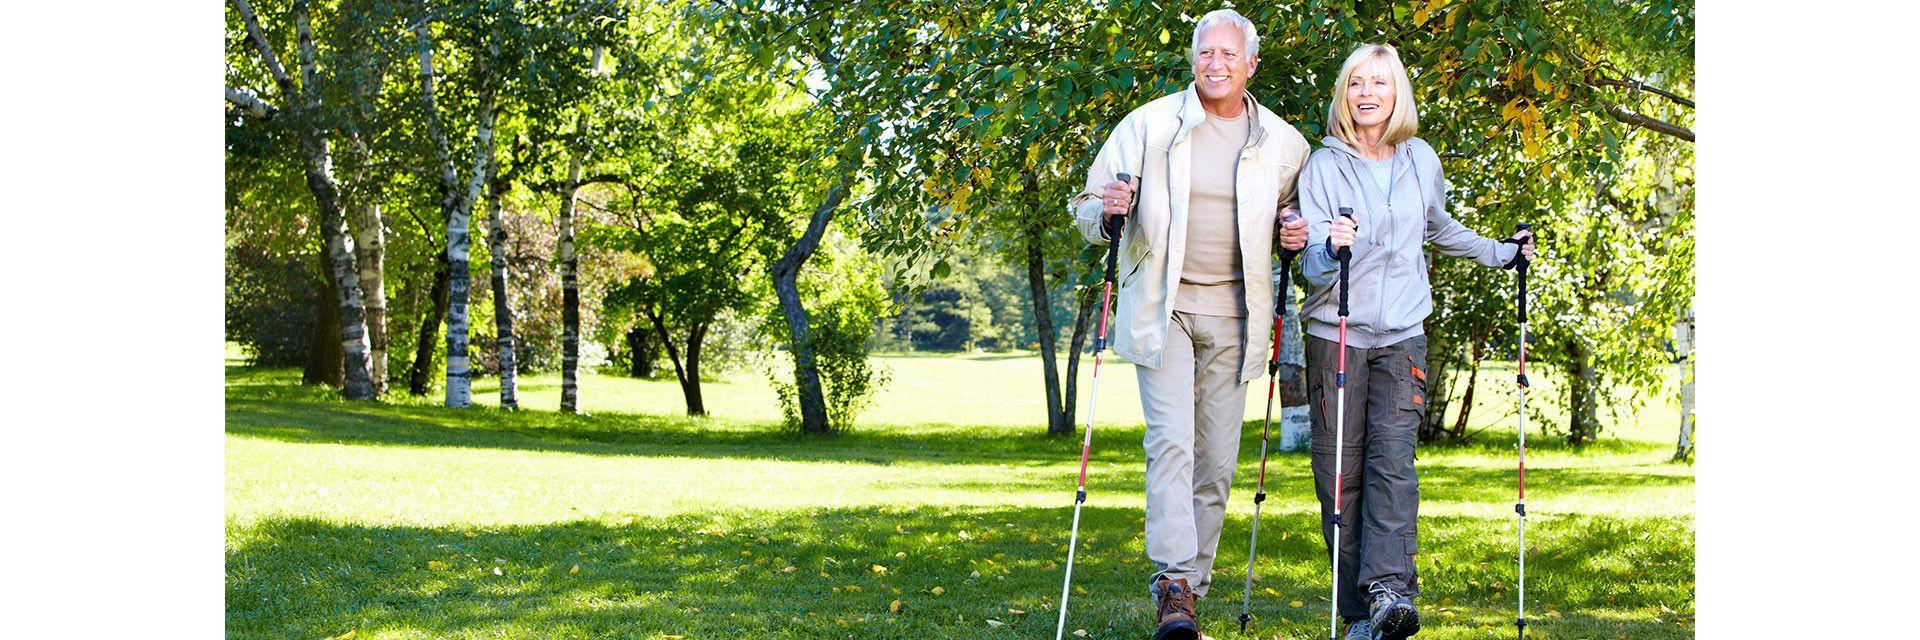 Was Sie von einem totalen Hüftersatz erwarten können